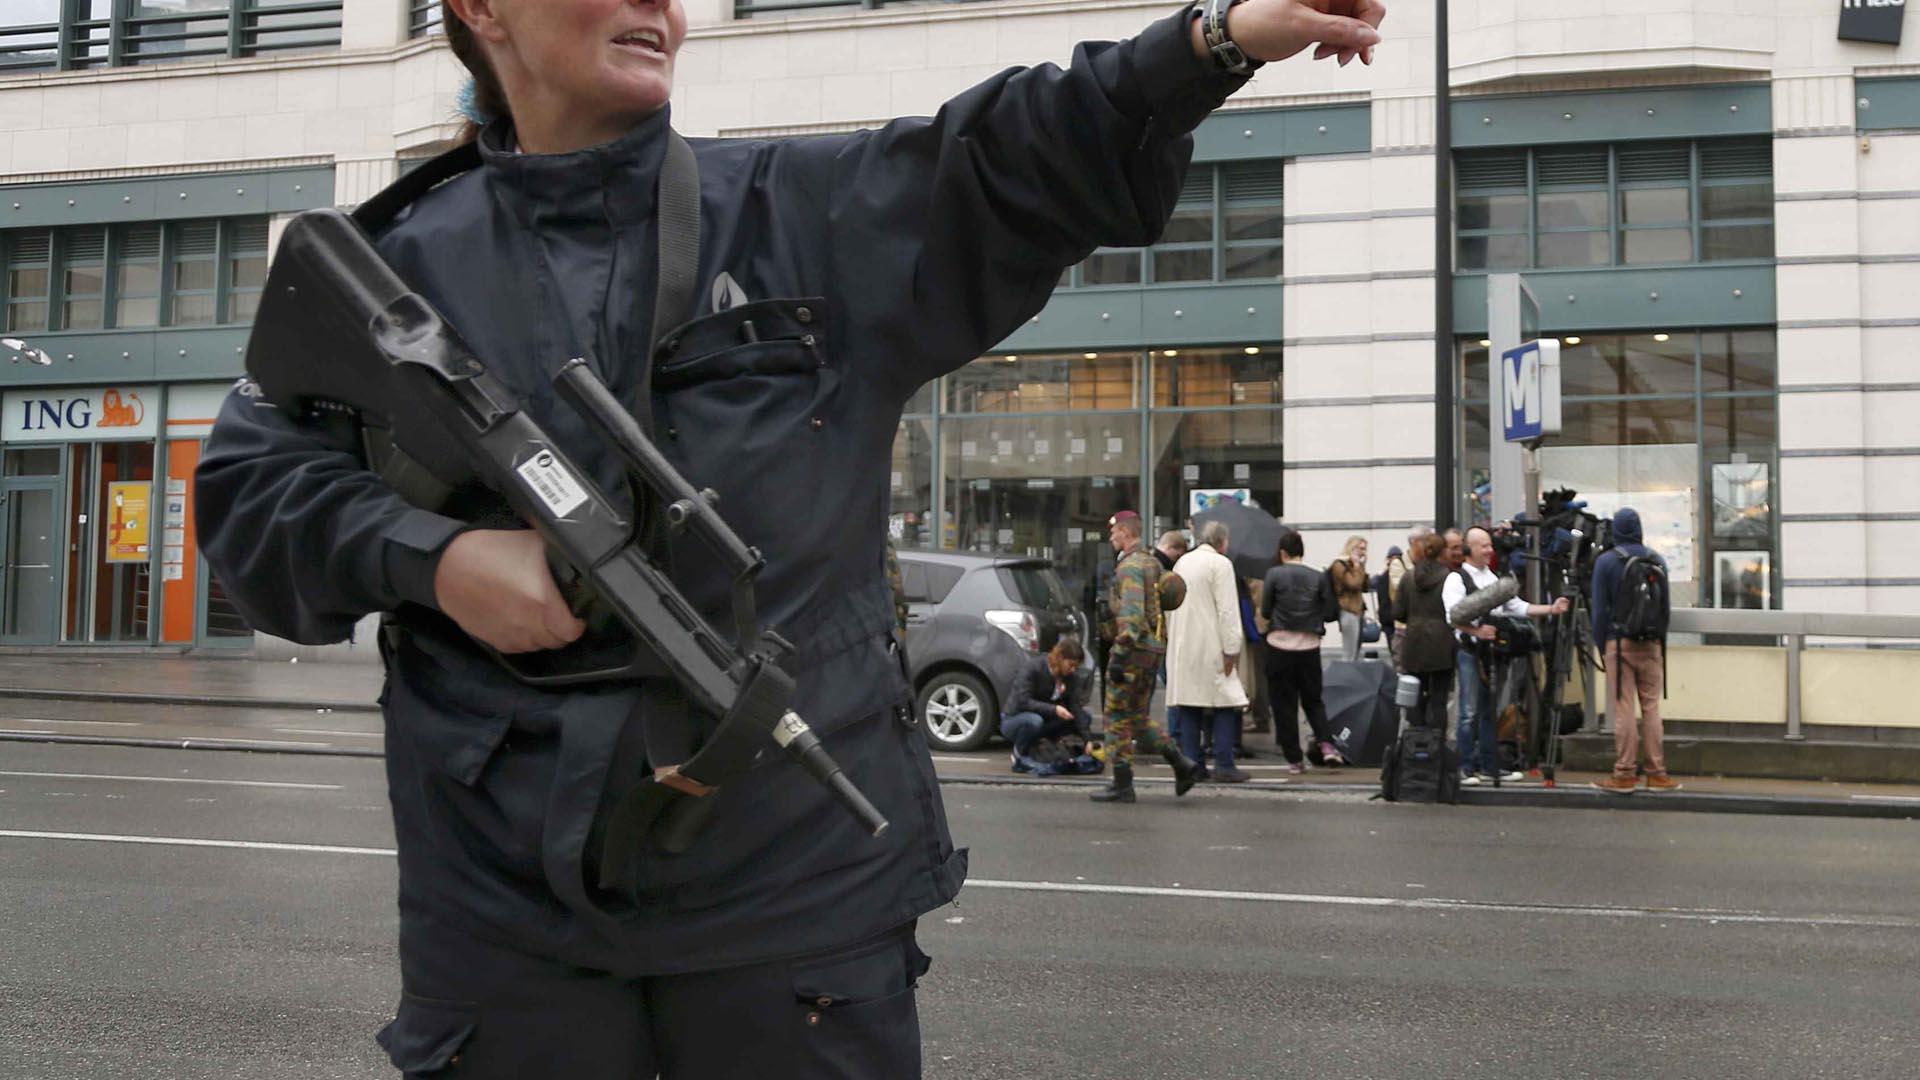 La Fiscalía del Estado informó que los detenidos pertenecen a un grupo terrorista